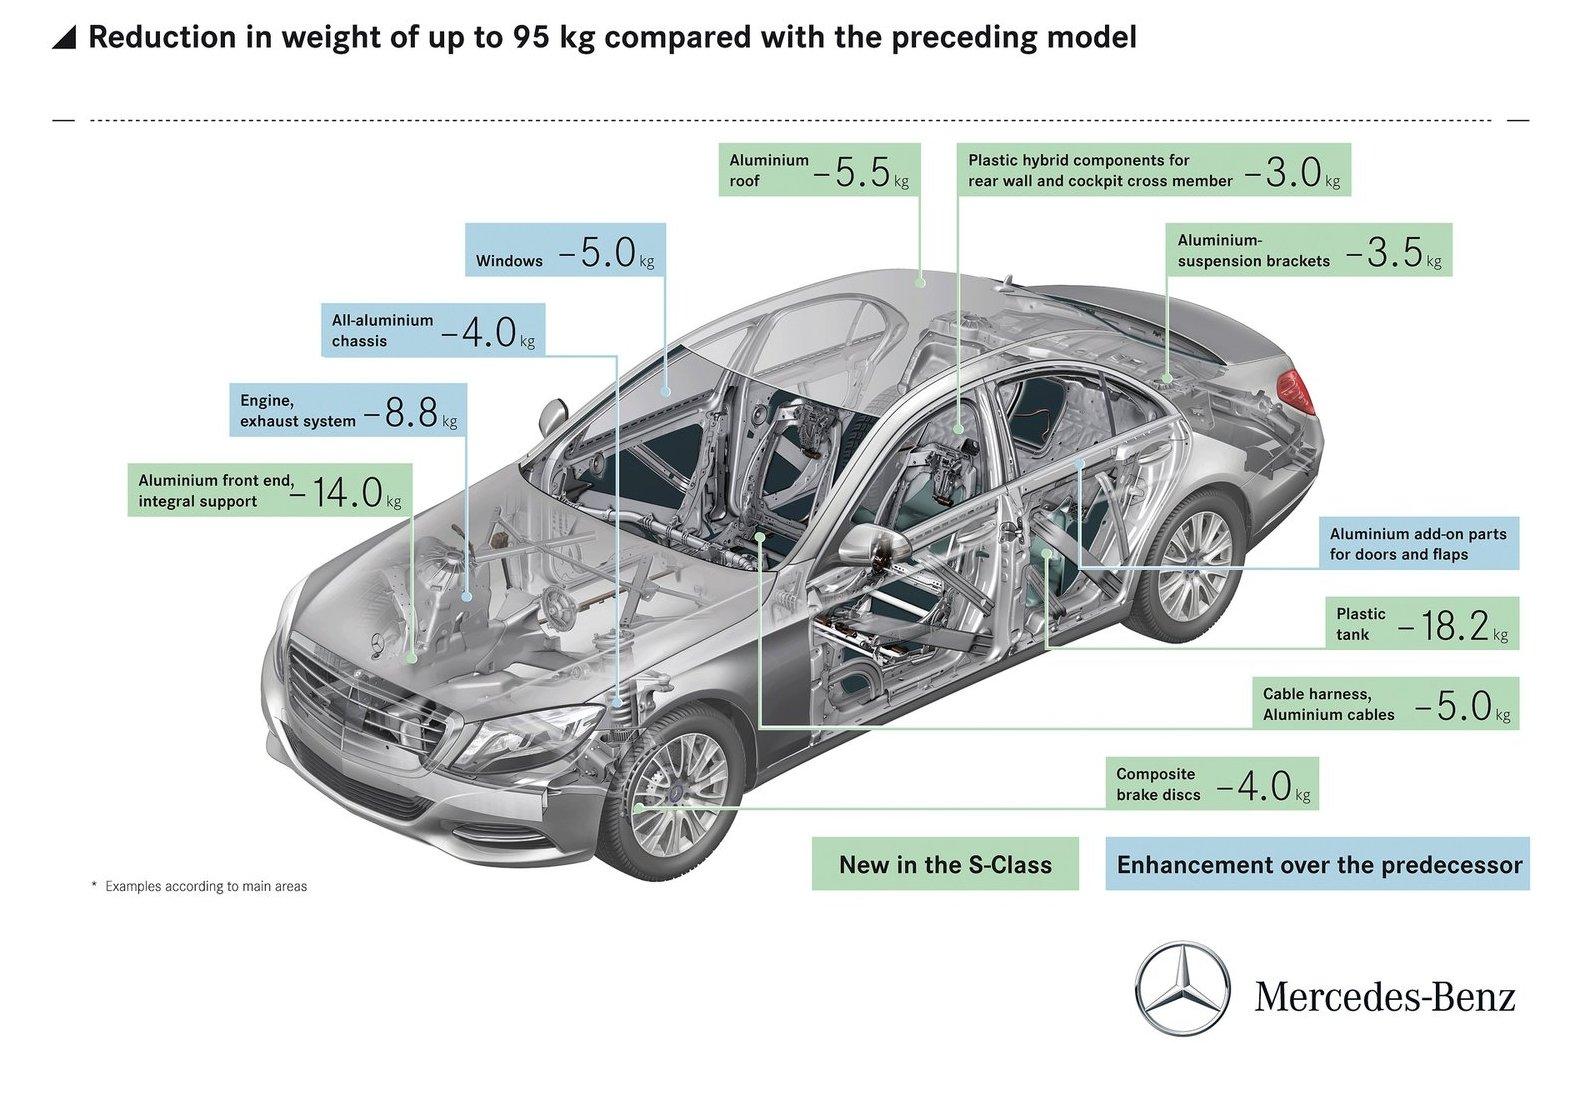 Новый Mercedes-Benz S-класса W222 собрал в себе «всего понемногу»: основа – классический стальной несущий кузов; плюс алюминиевые двери, крыша (-5,5 кг от аналогичной детали из стали), передняя часть с крыльями (-14 кг), опоры задних амортизаторов; добавим к этому и пластиковый бак (-18 кг) и перегородку багажника (-3 кг). А теперь – возможно, будет и пластиковая поперечина заднего редуктора. На фоне алюминиевых наработок Audi и Jaguar Land Rover да карбоновых автомобилей BMW этот подход не выглядит сверхсовременным, но свои плоды в виде облегчения кузова на 95 кг он дал